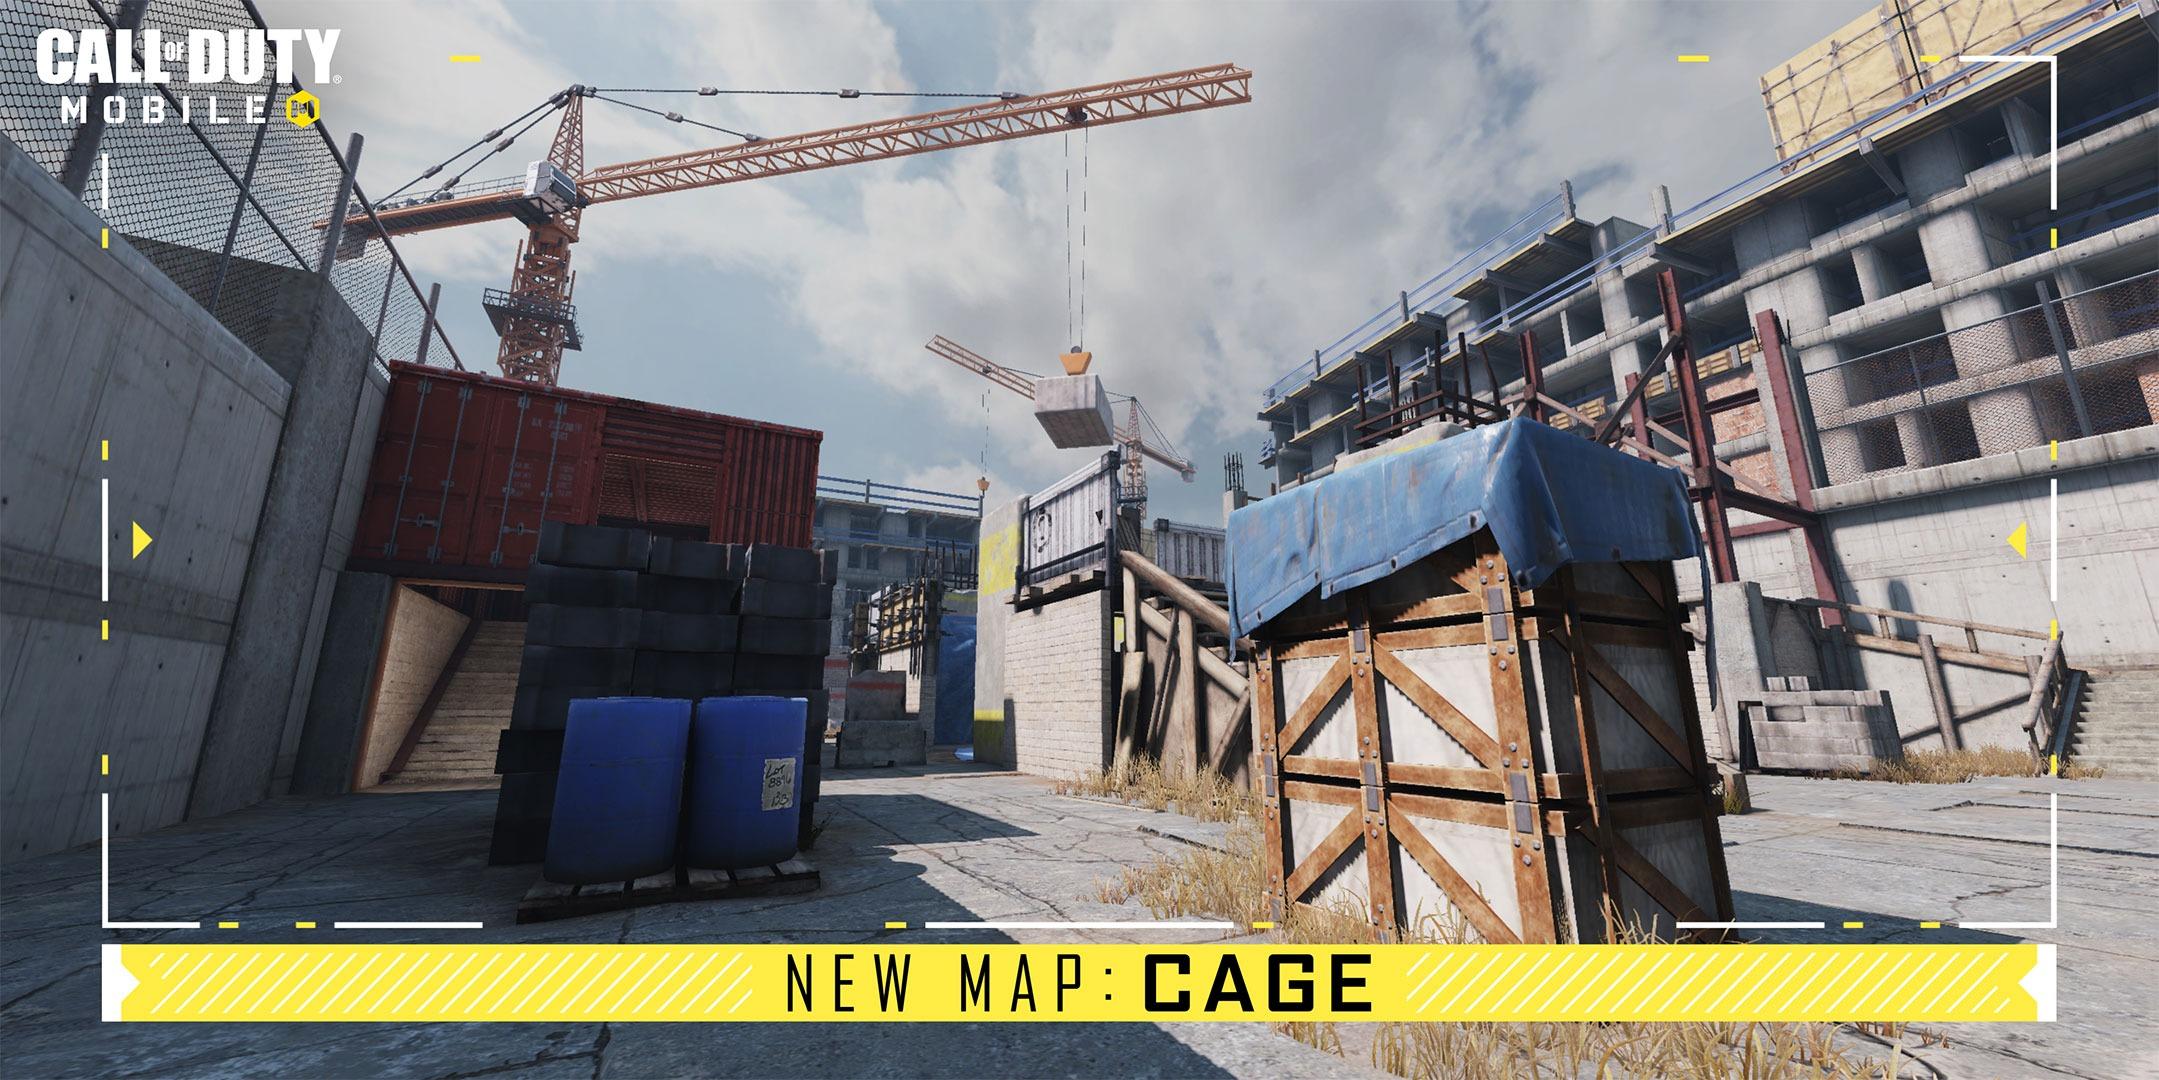 La stagione 4 di Call of Duty: Mobile porta con sé nuove mappe e abilità 2